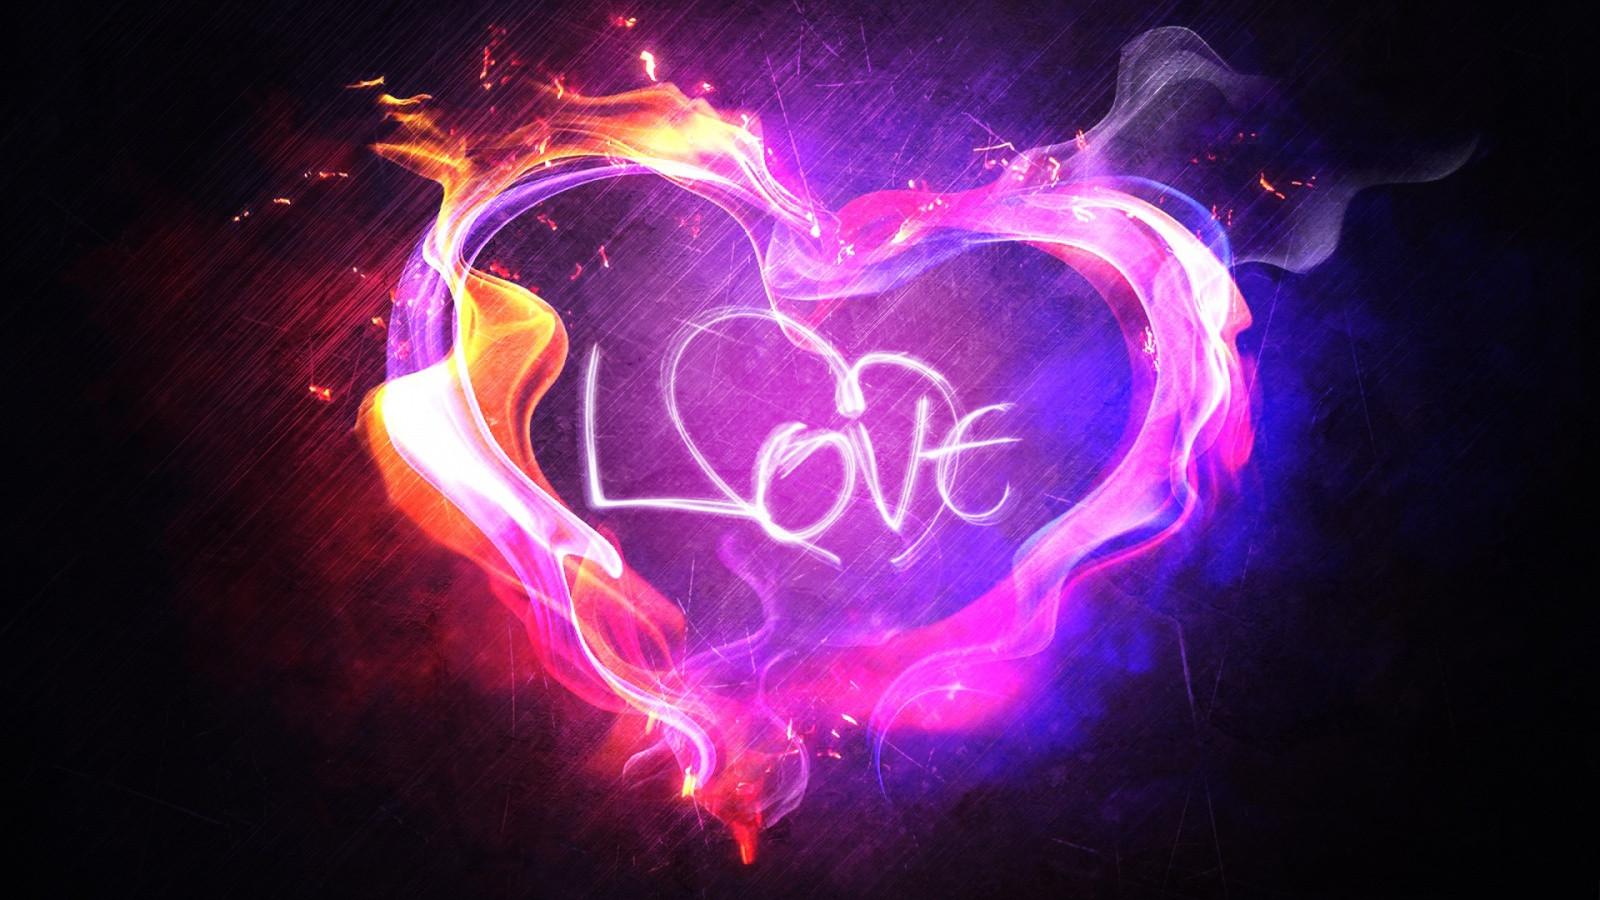 Cute Red Hearts Wallpapers Free Heart Wallpaper Hd Pixelstalk Net